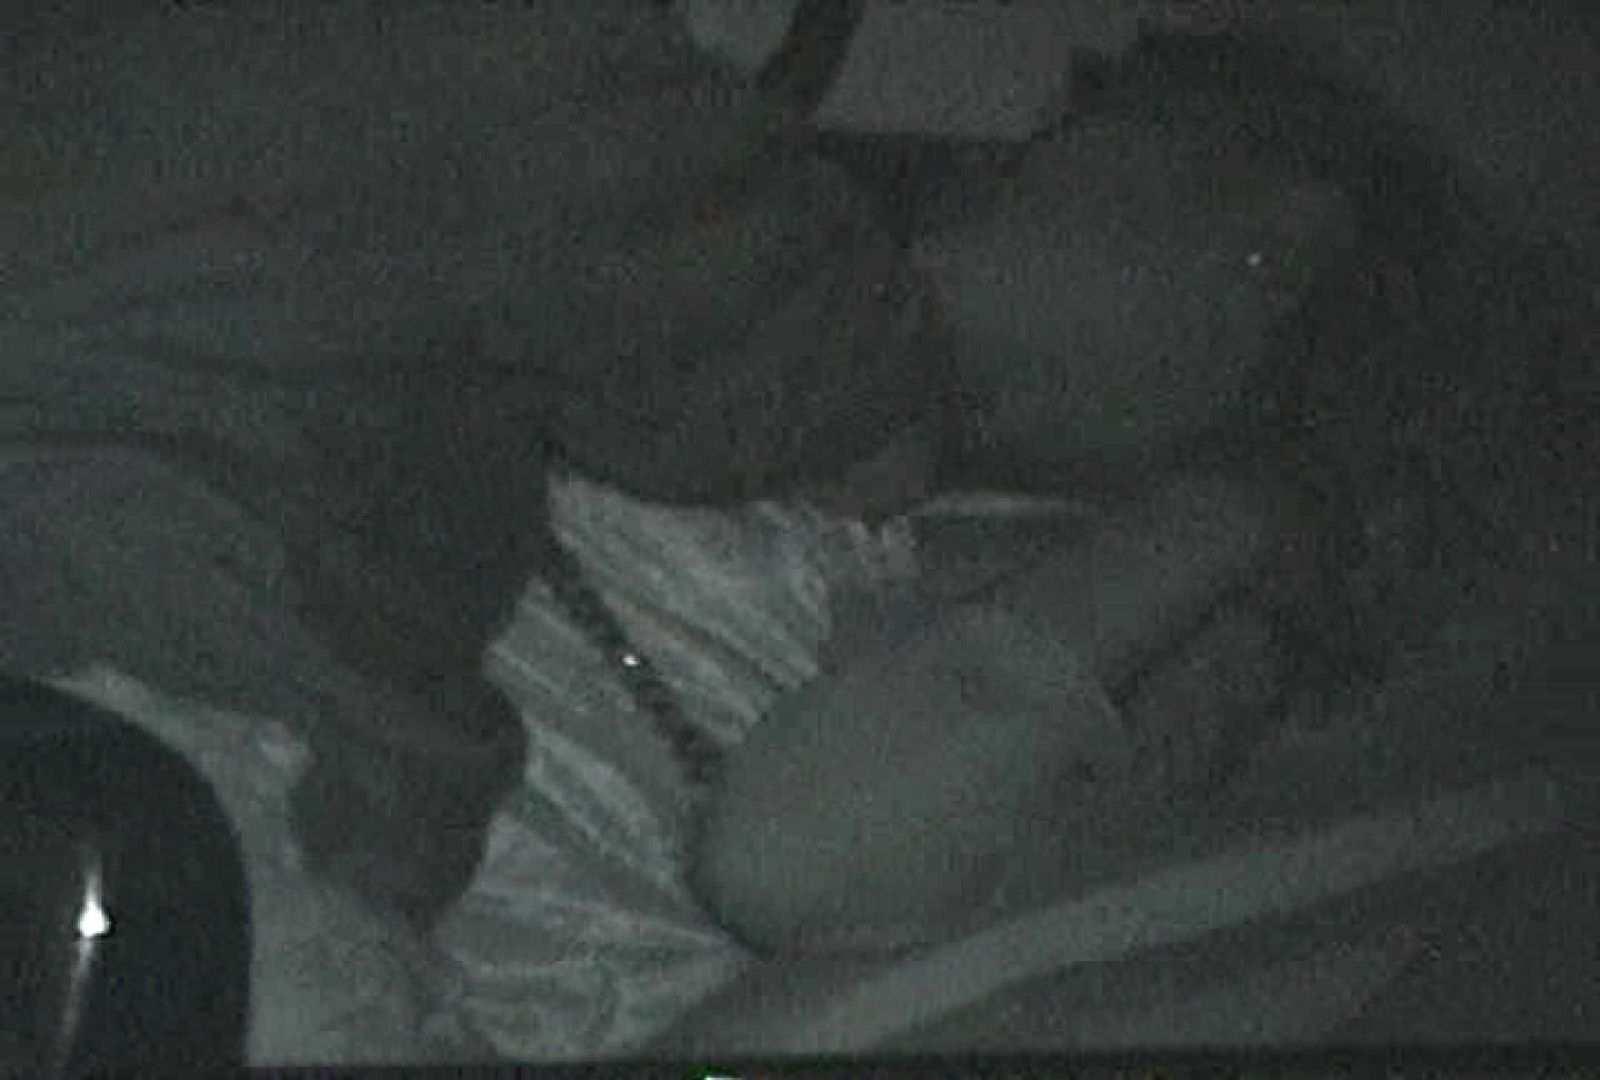 充血監督の深夜の運動会Vol.89 カップル   独身エッチOL  97pic 3